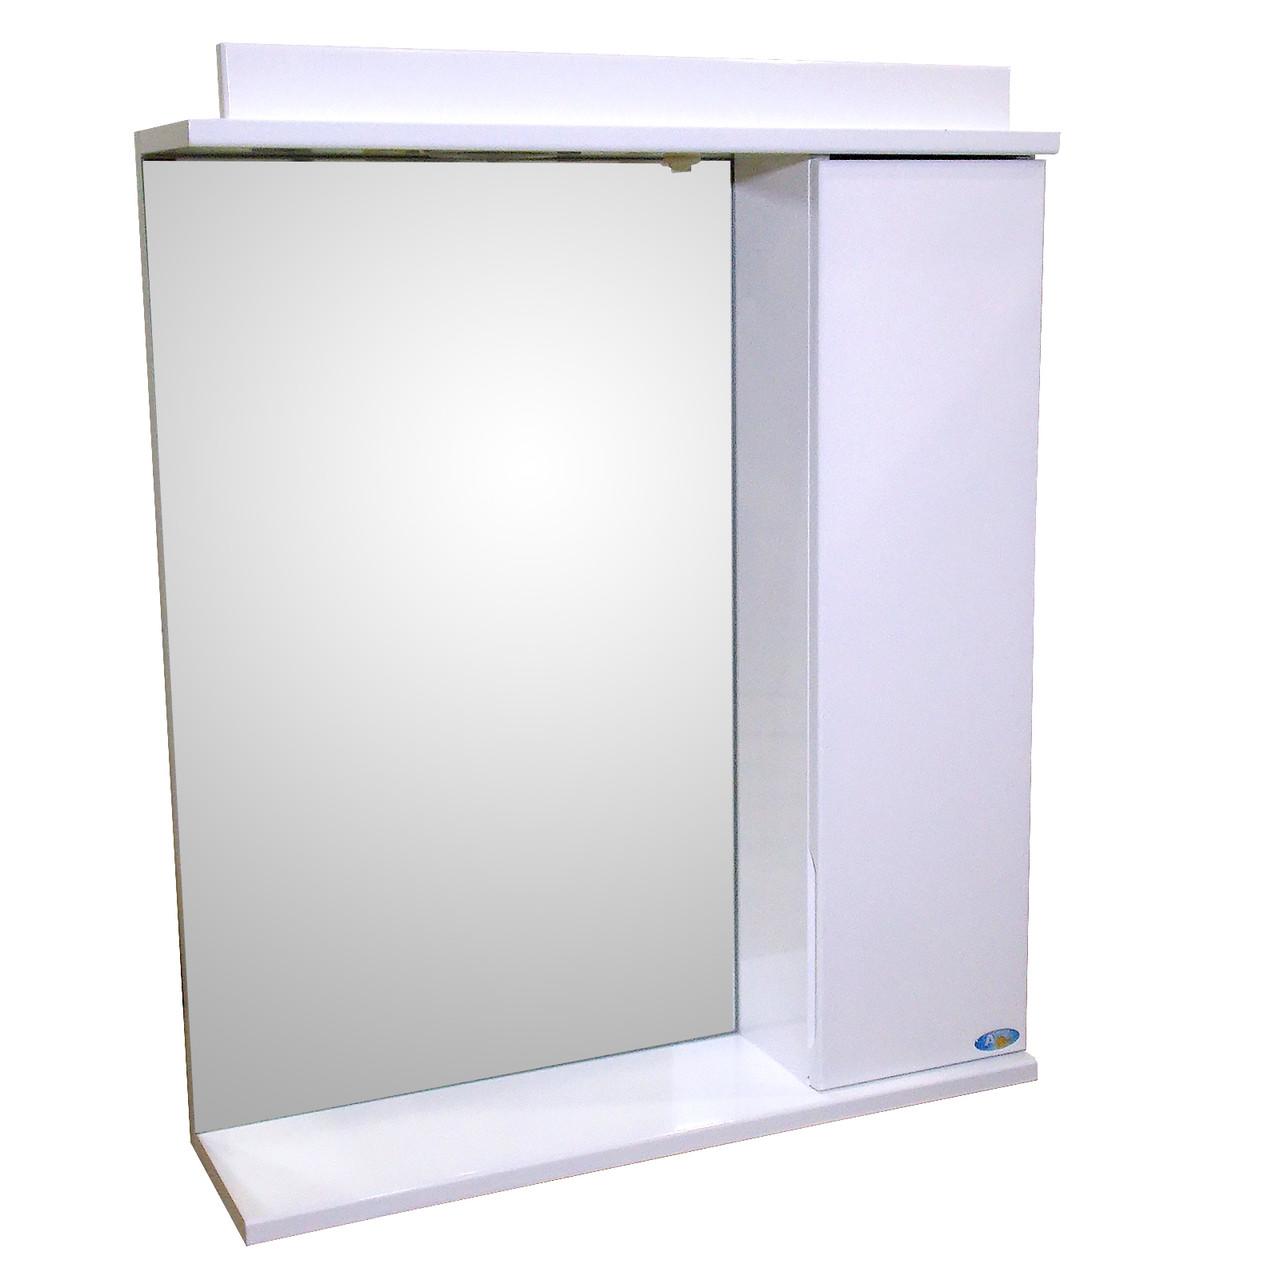 Зеркало 60 для ванной комнаты с подсветкой и шкафчиком Лаконика  белый